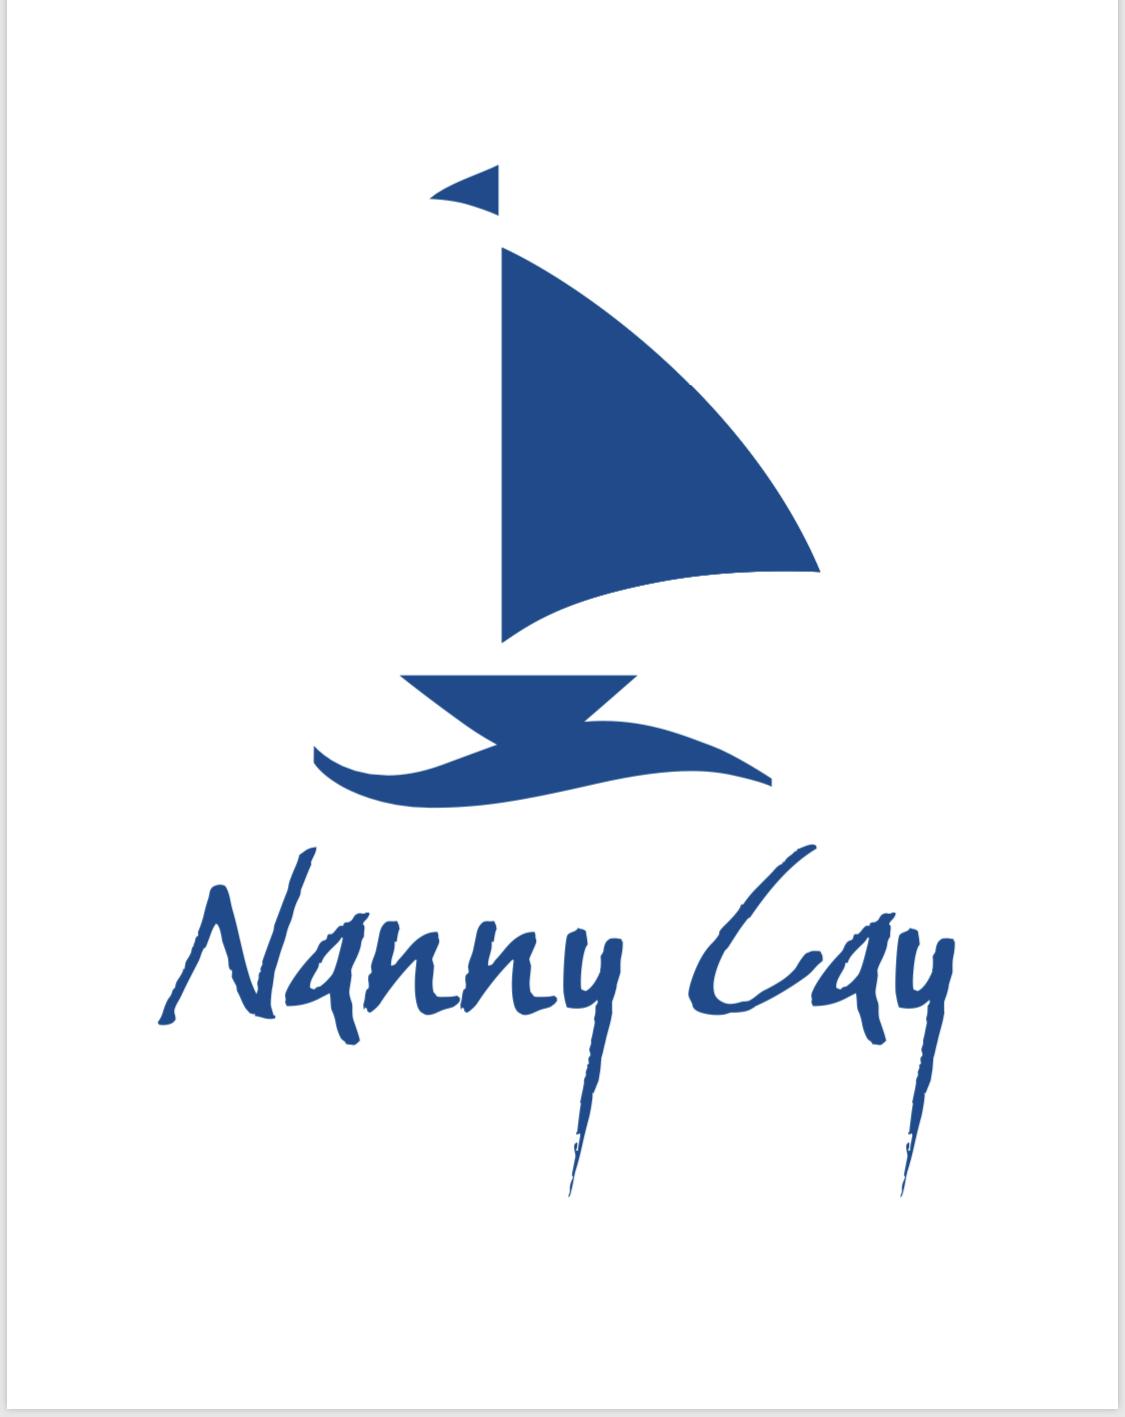 nannyCayBVI.jpg